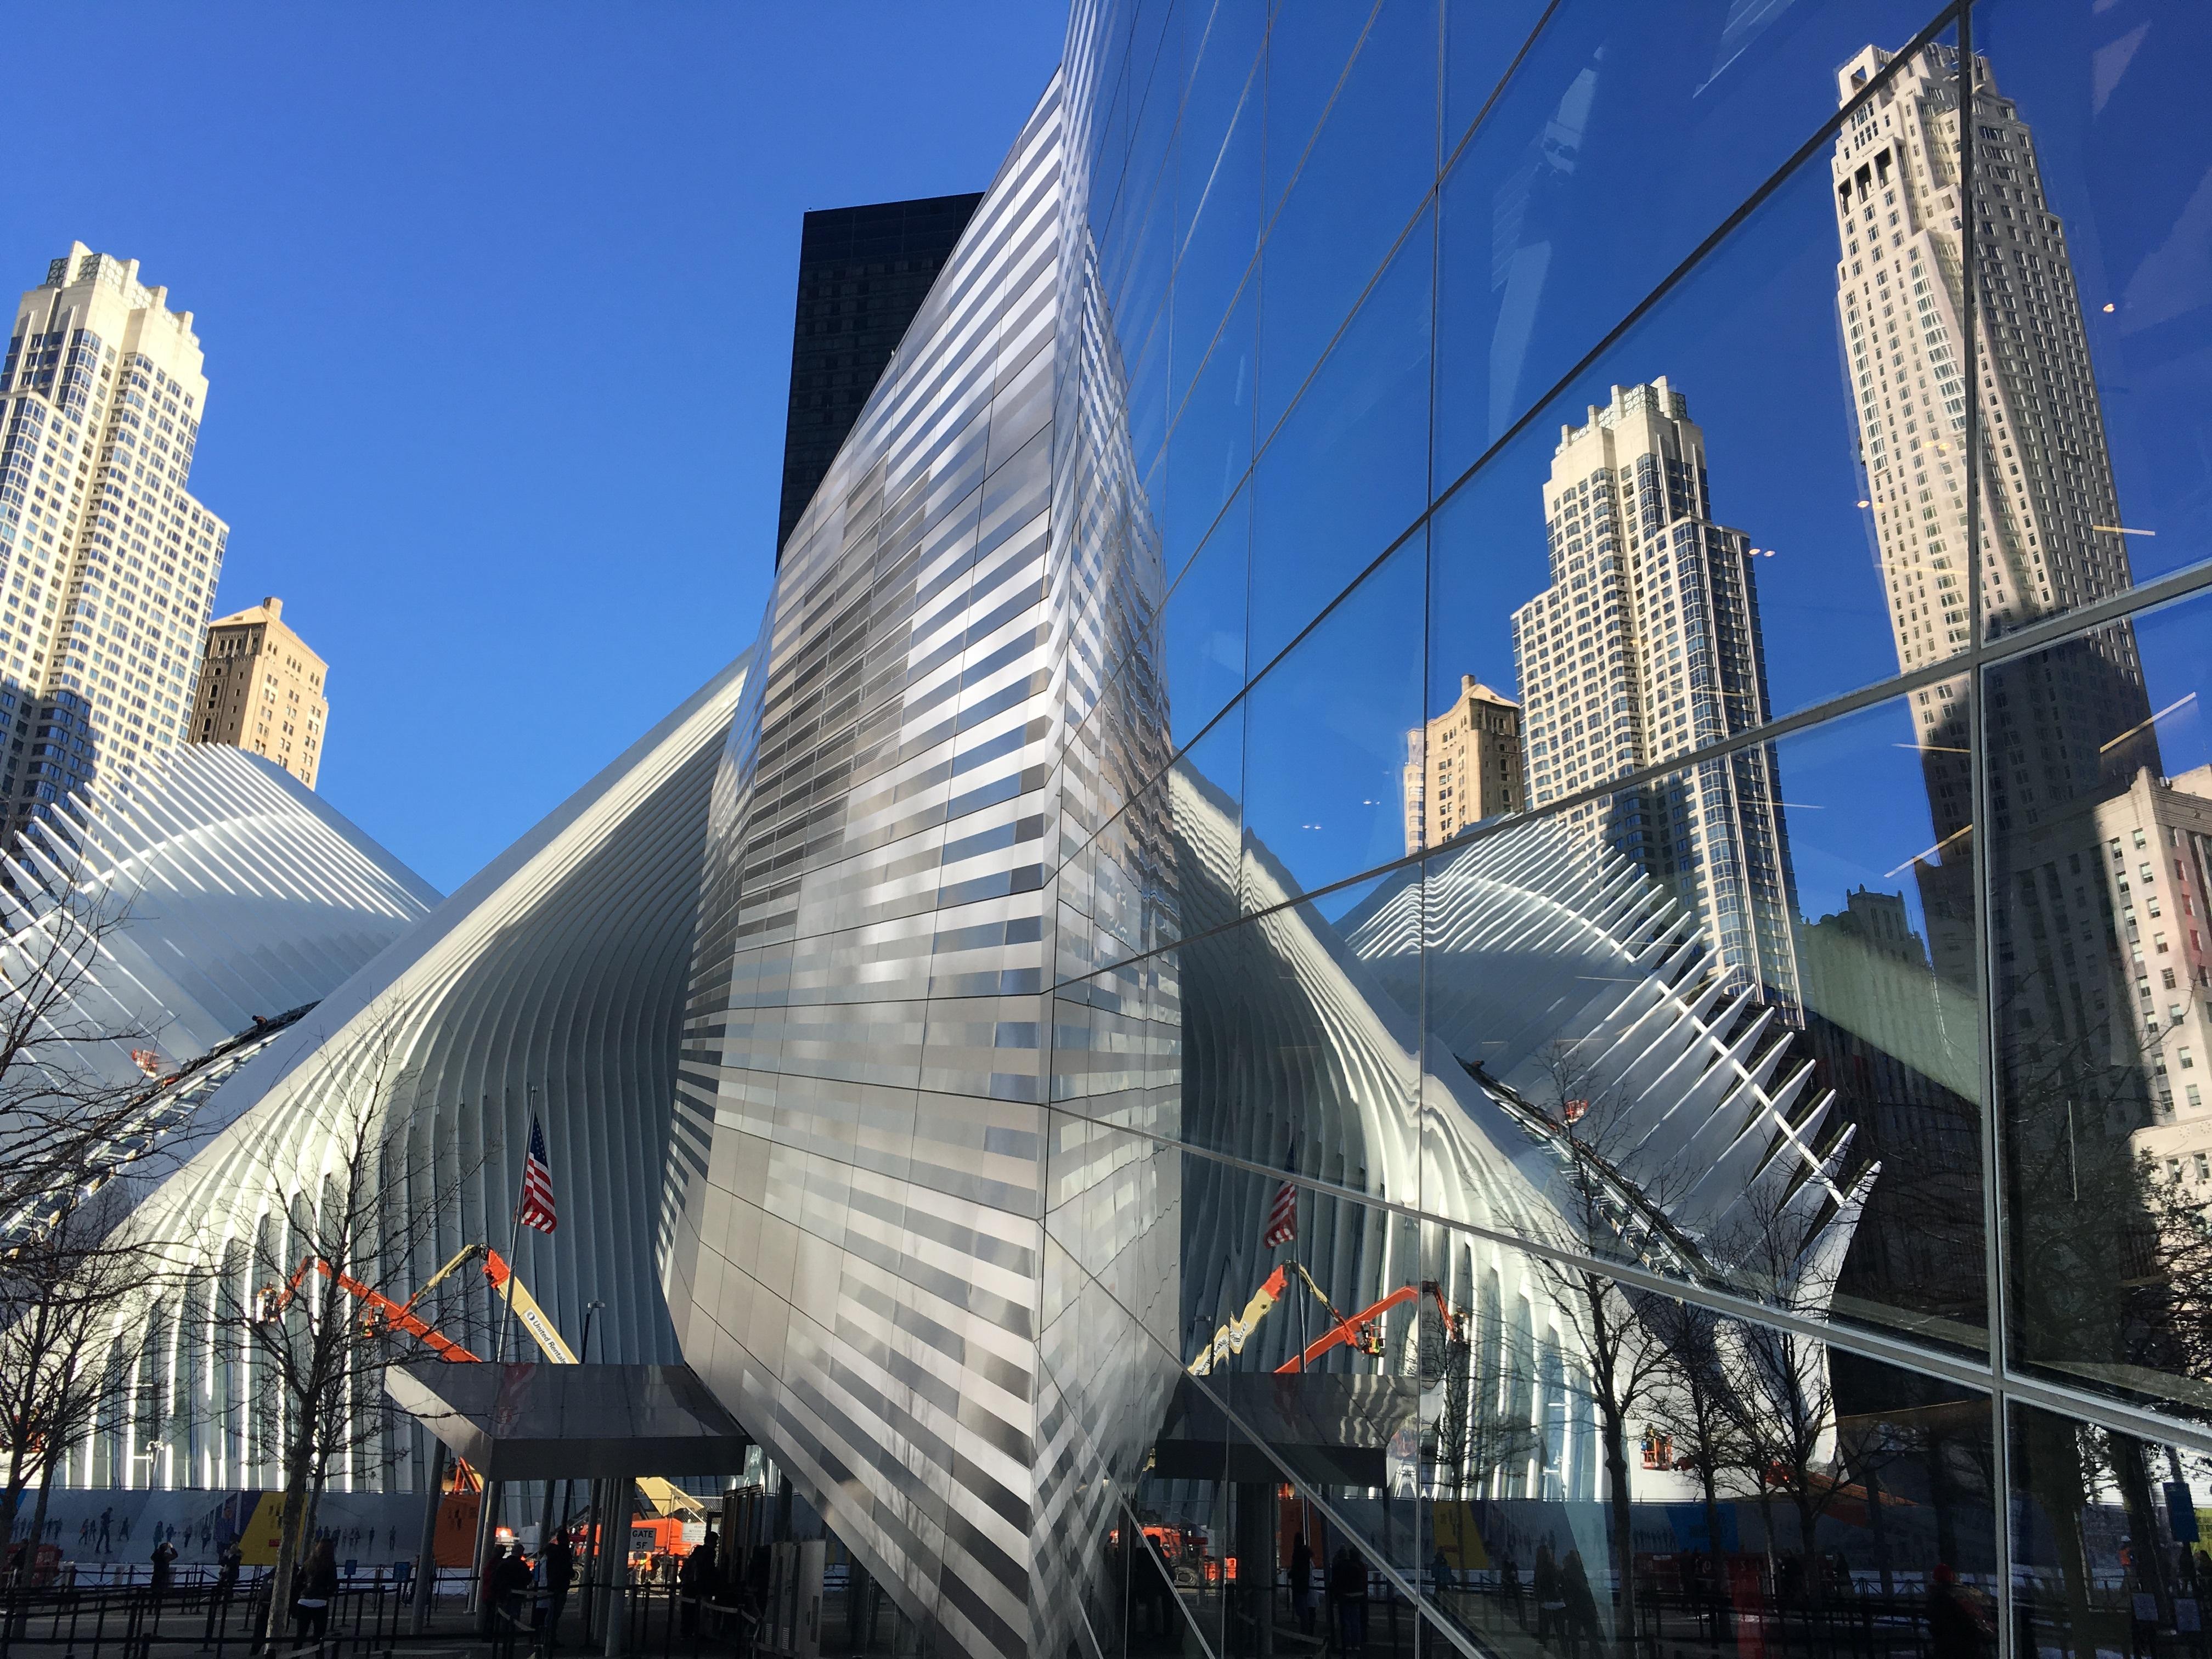 rascacielos nueva york paisaje urbano centro de la ciudad punto de referencia fachada zona de impacto bloque de pisos metrpoli memorial